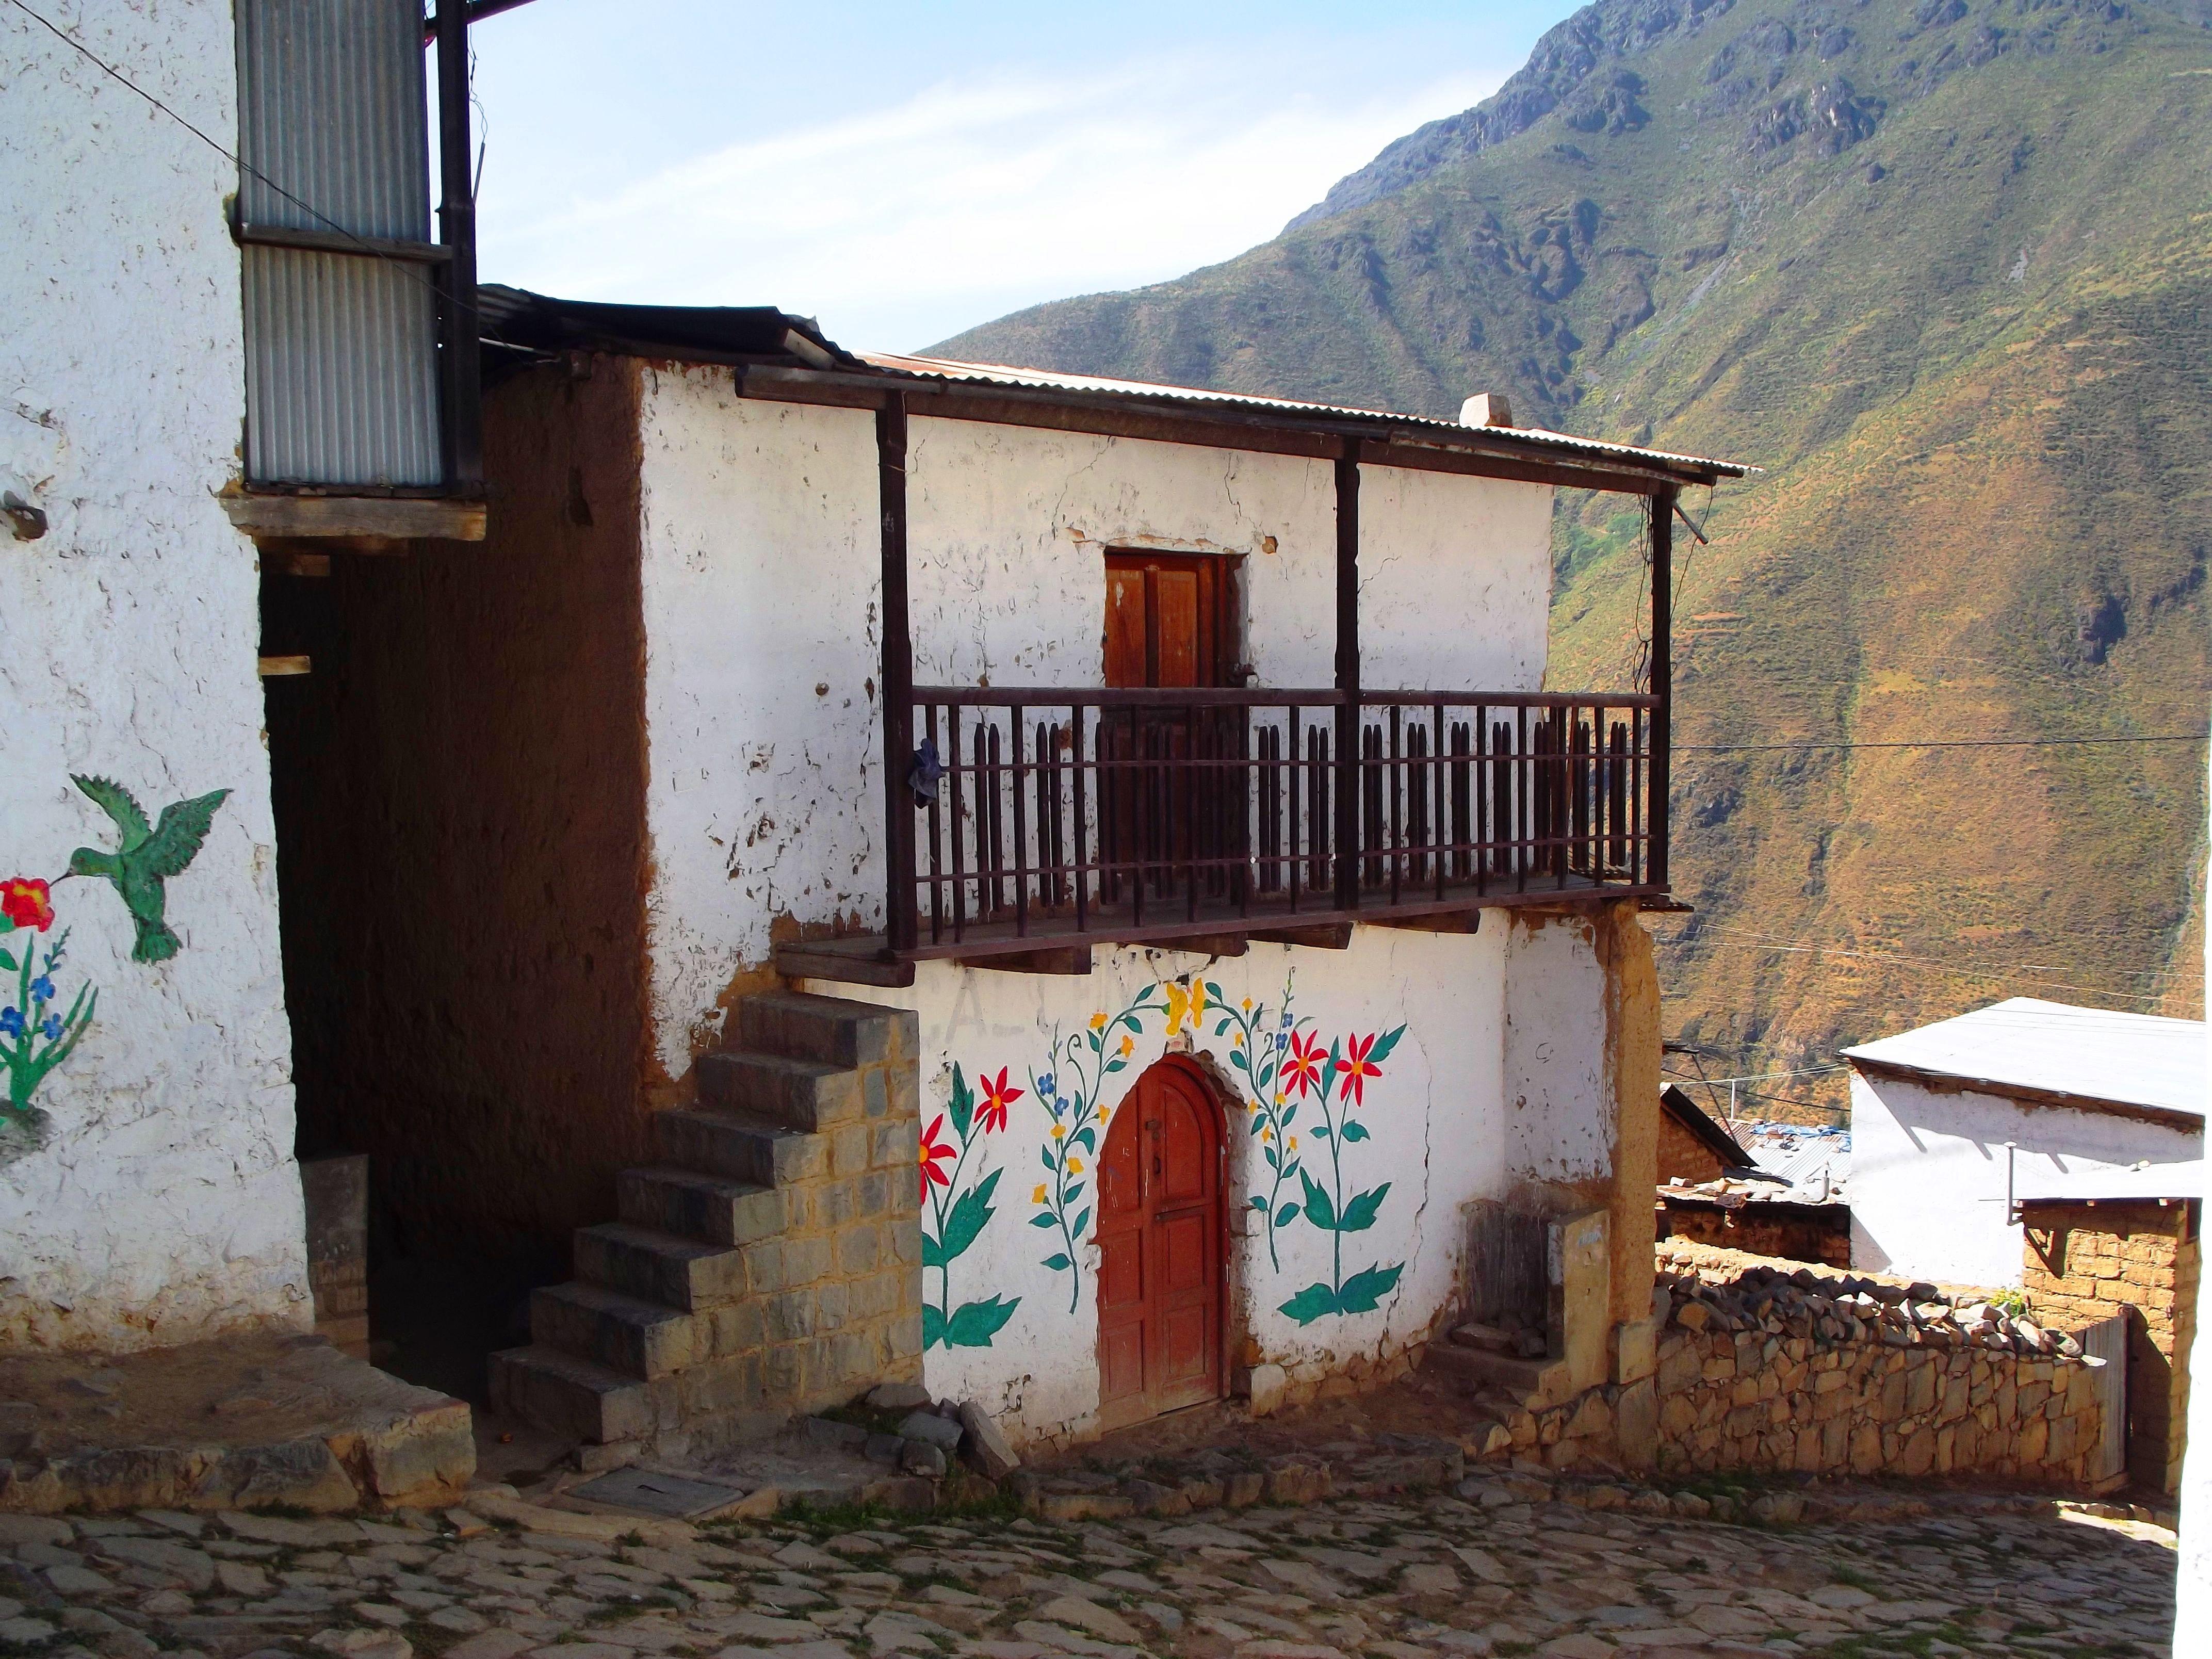 San Pedro de Casta, en Huarochirí, cerca de Marcahuasi.